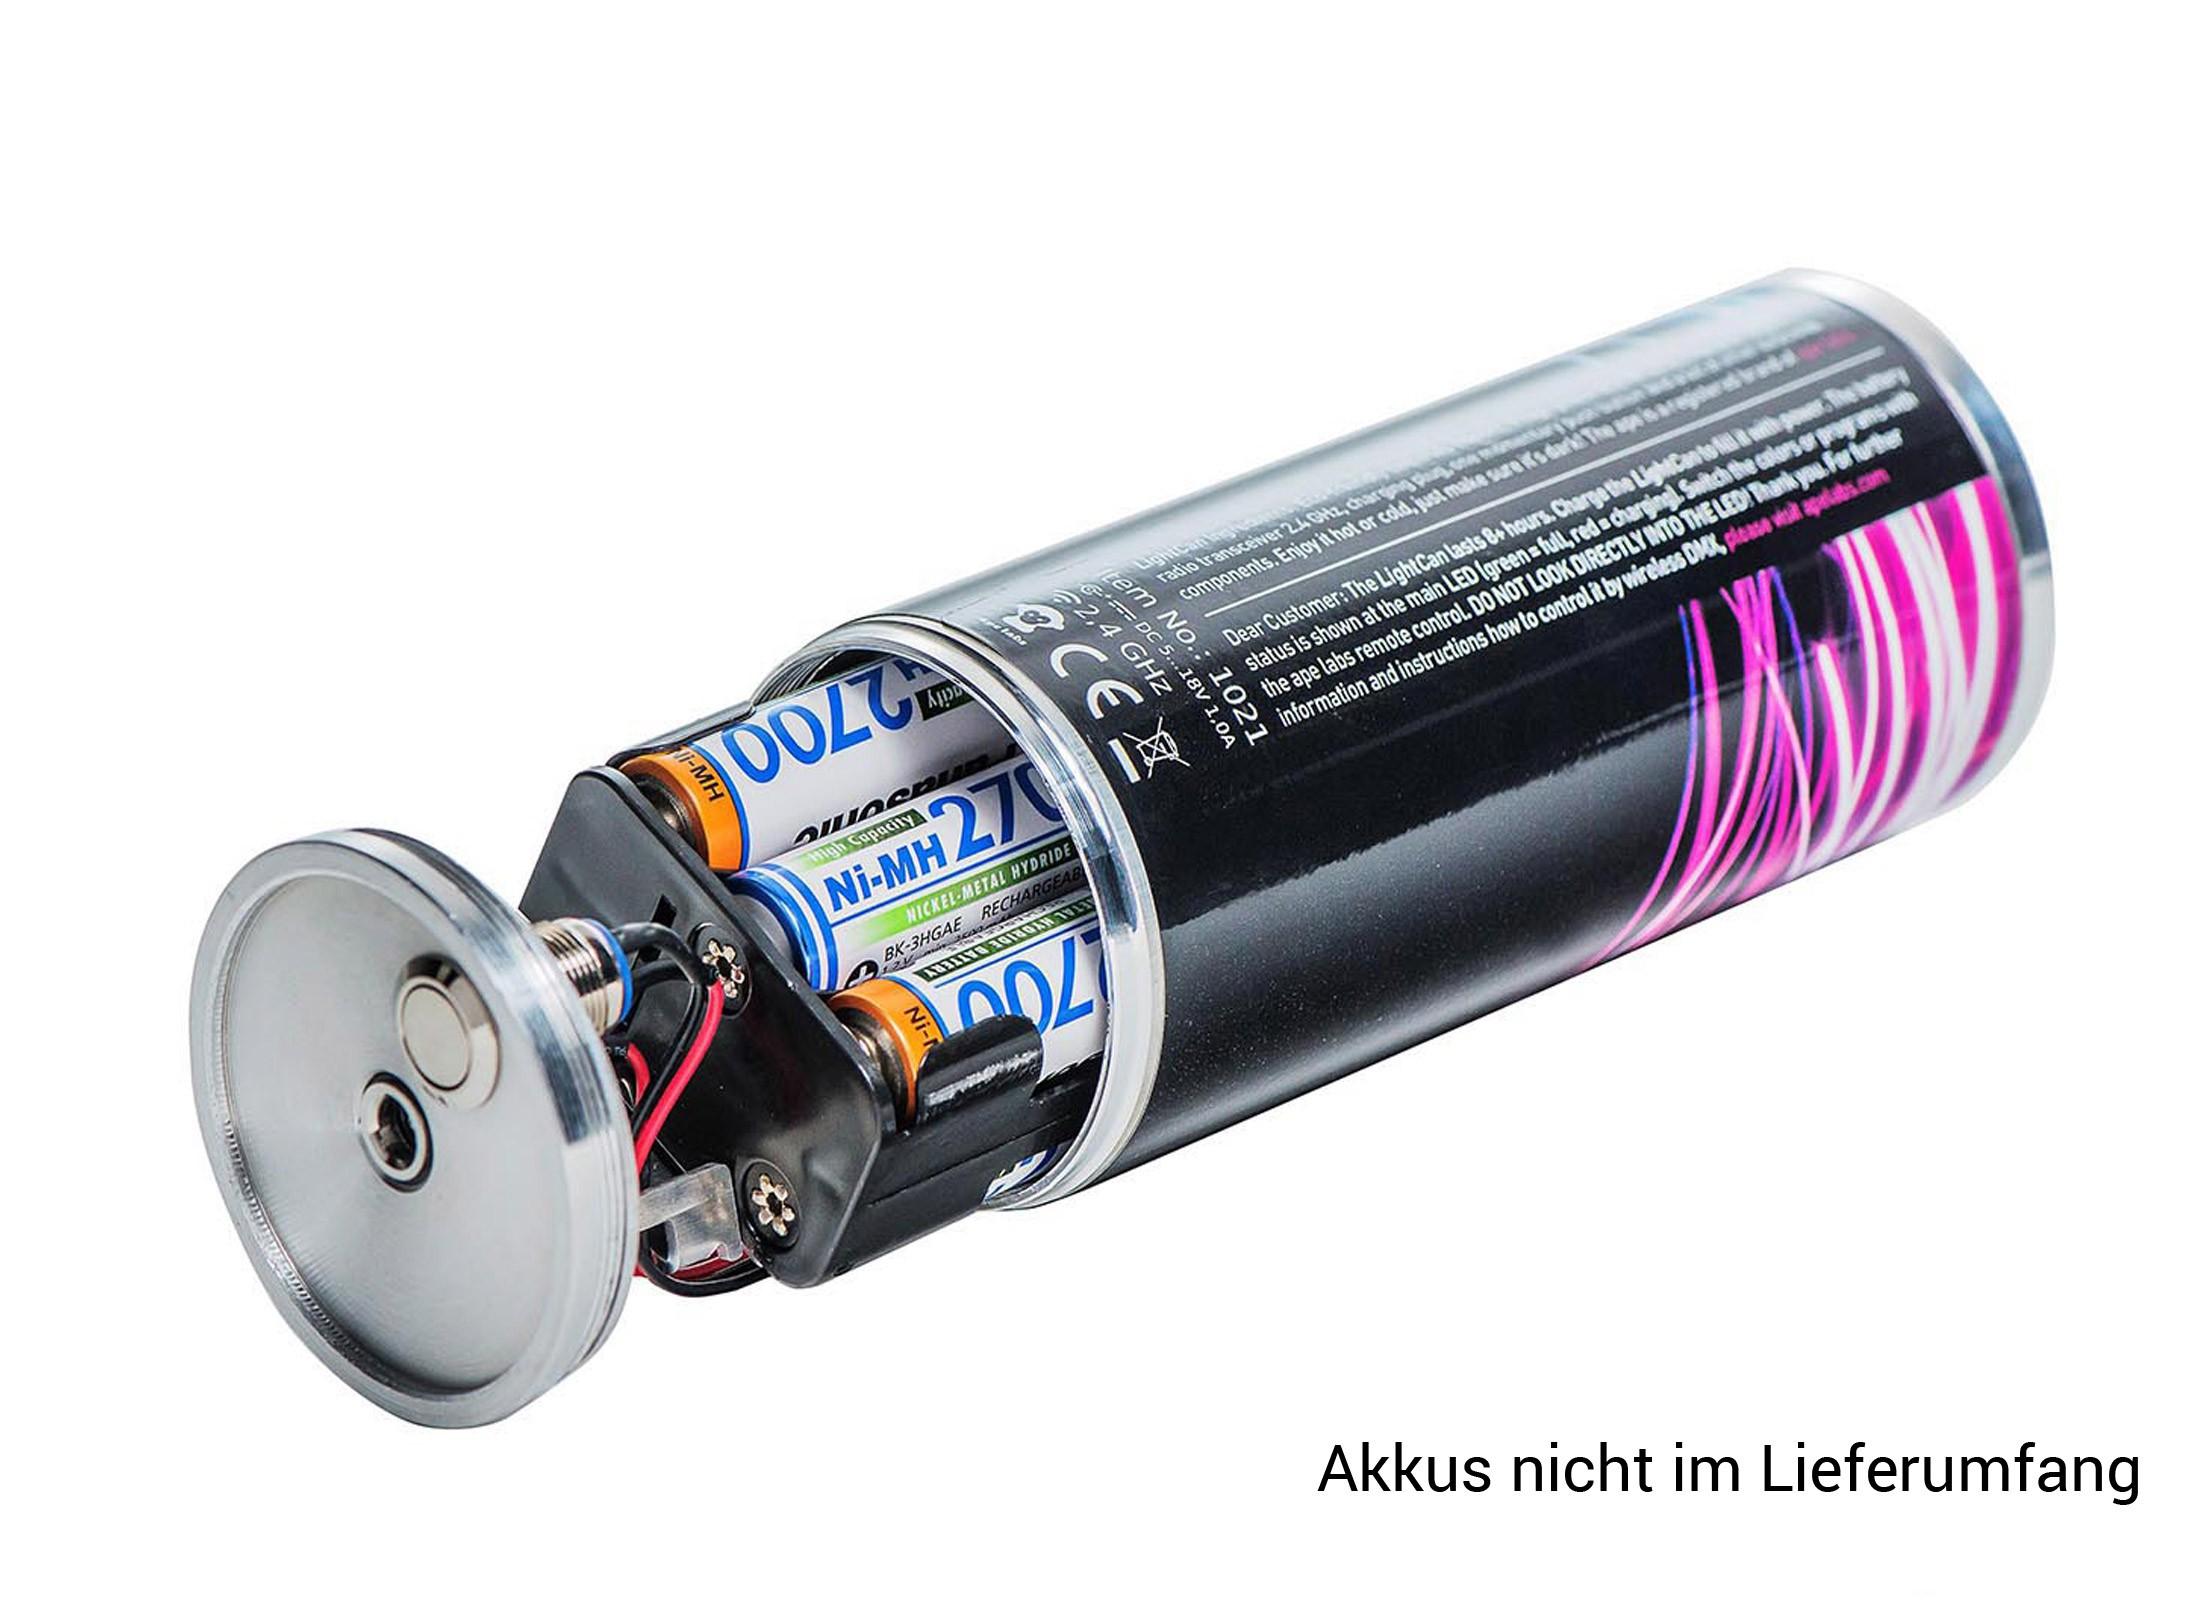 ape labs ersatz led light can akku led scheinwerfer. Black Bedroom Furniture Sets. Home Design Ideas